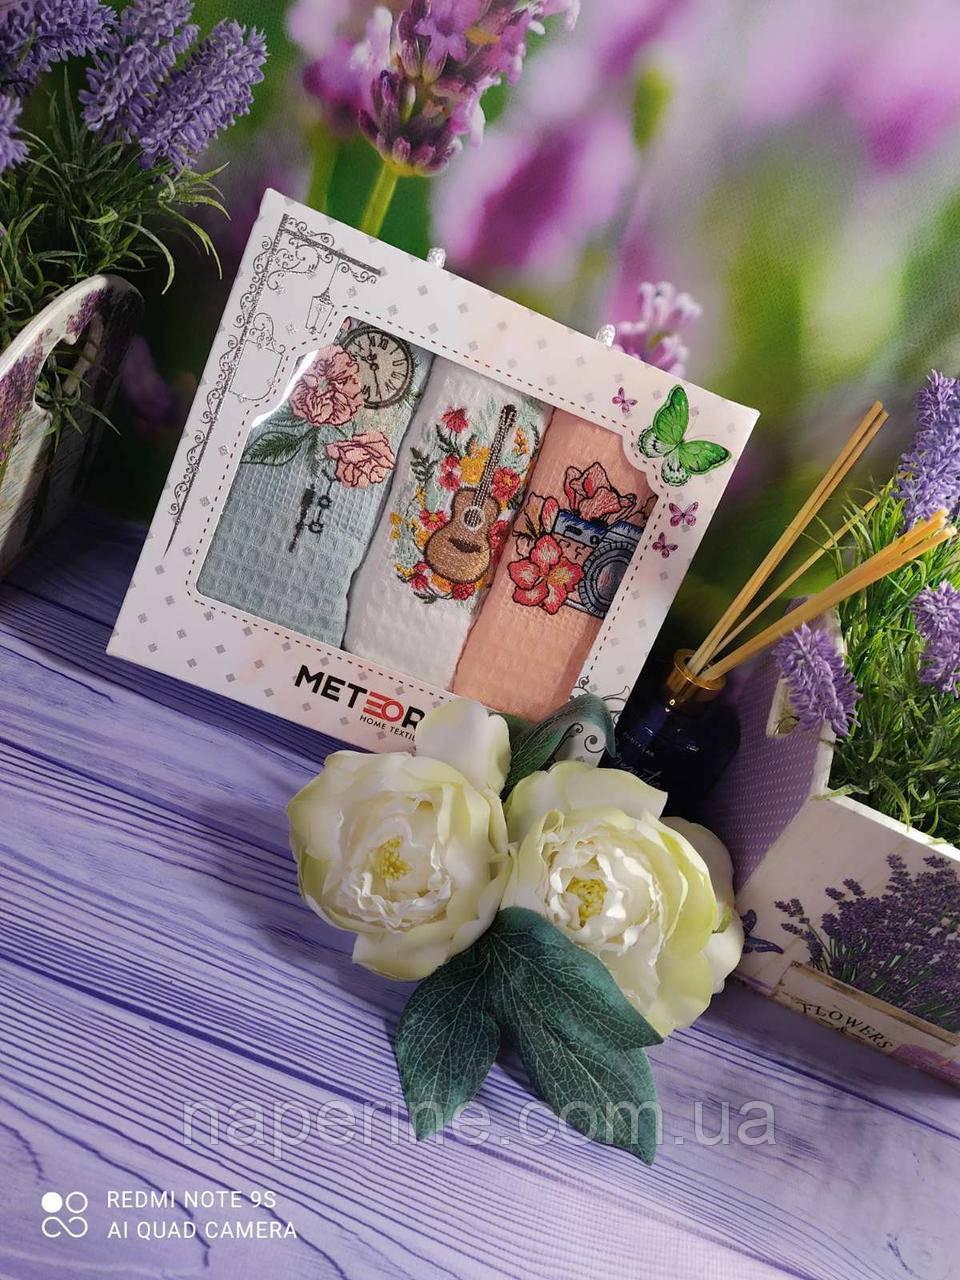 Набор кухонных вафельных полотенец с вышивкой в подарочной коробке 3 штуки Турция Nilteks 40 на 60 см